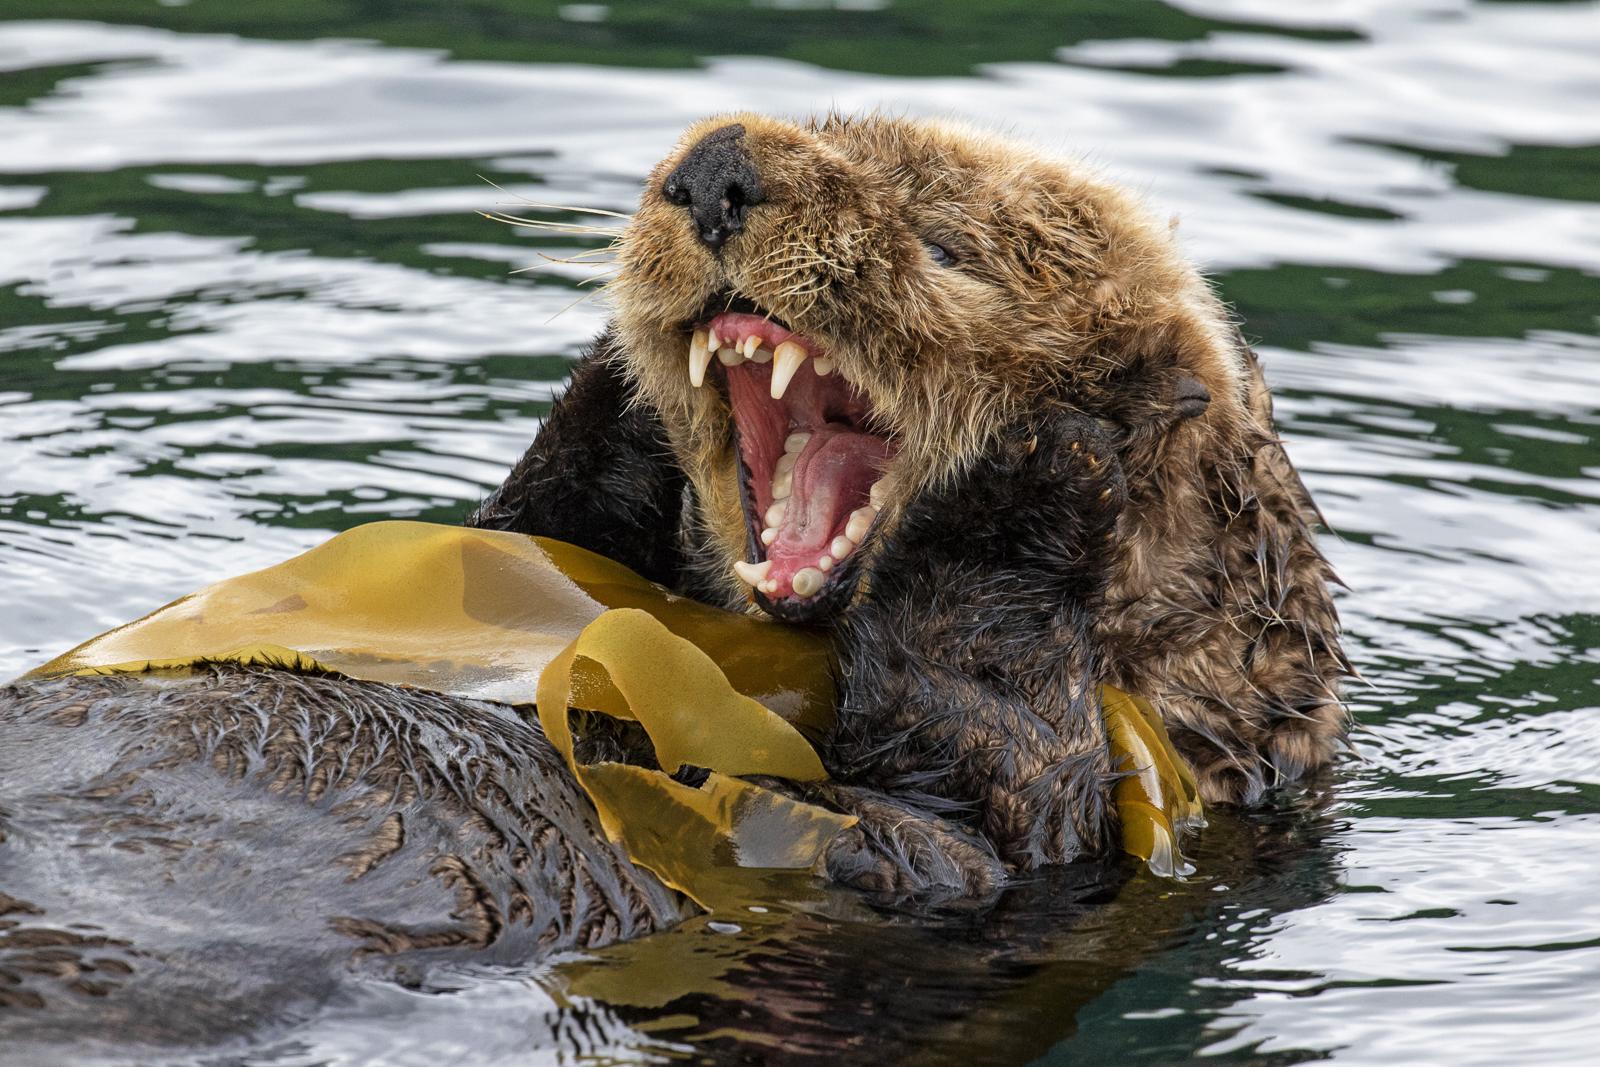 Sea otter, Kodiak, Alaska